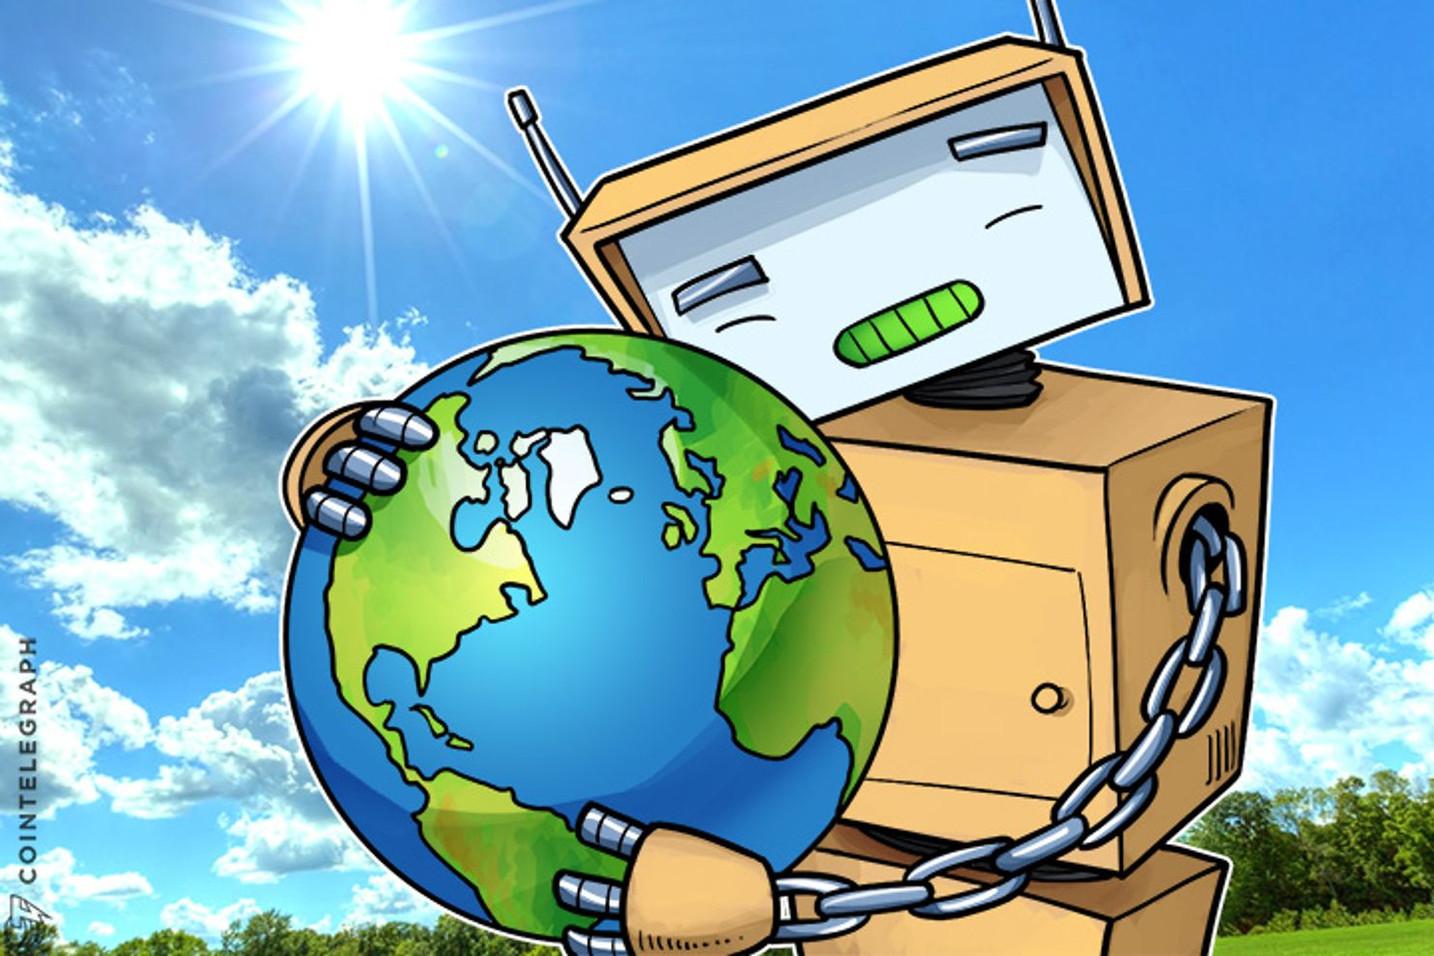 Blockchain, criptomonedas y reciclaje: ¿Cómo se relacionan?